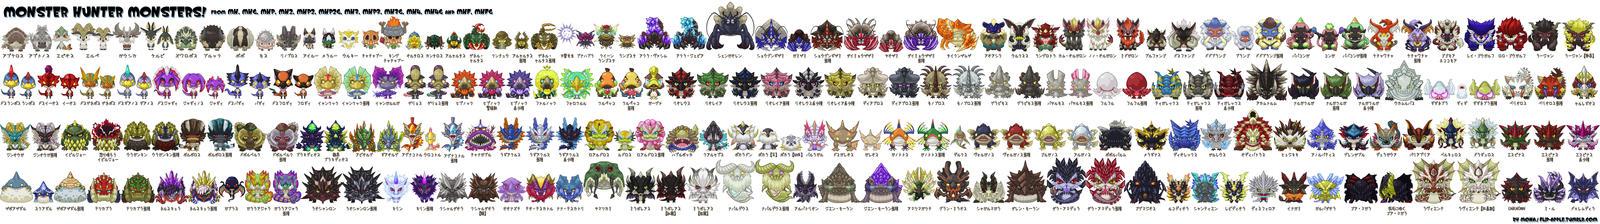 Monster Hunter Monsters 2